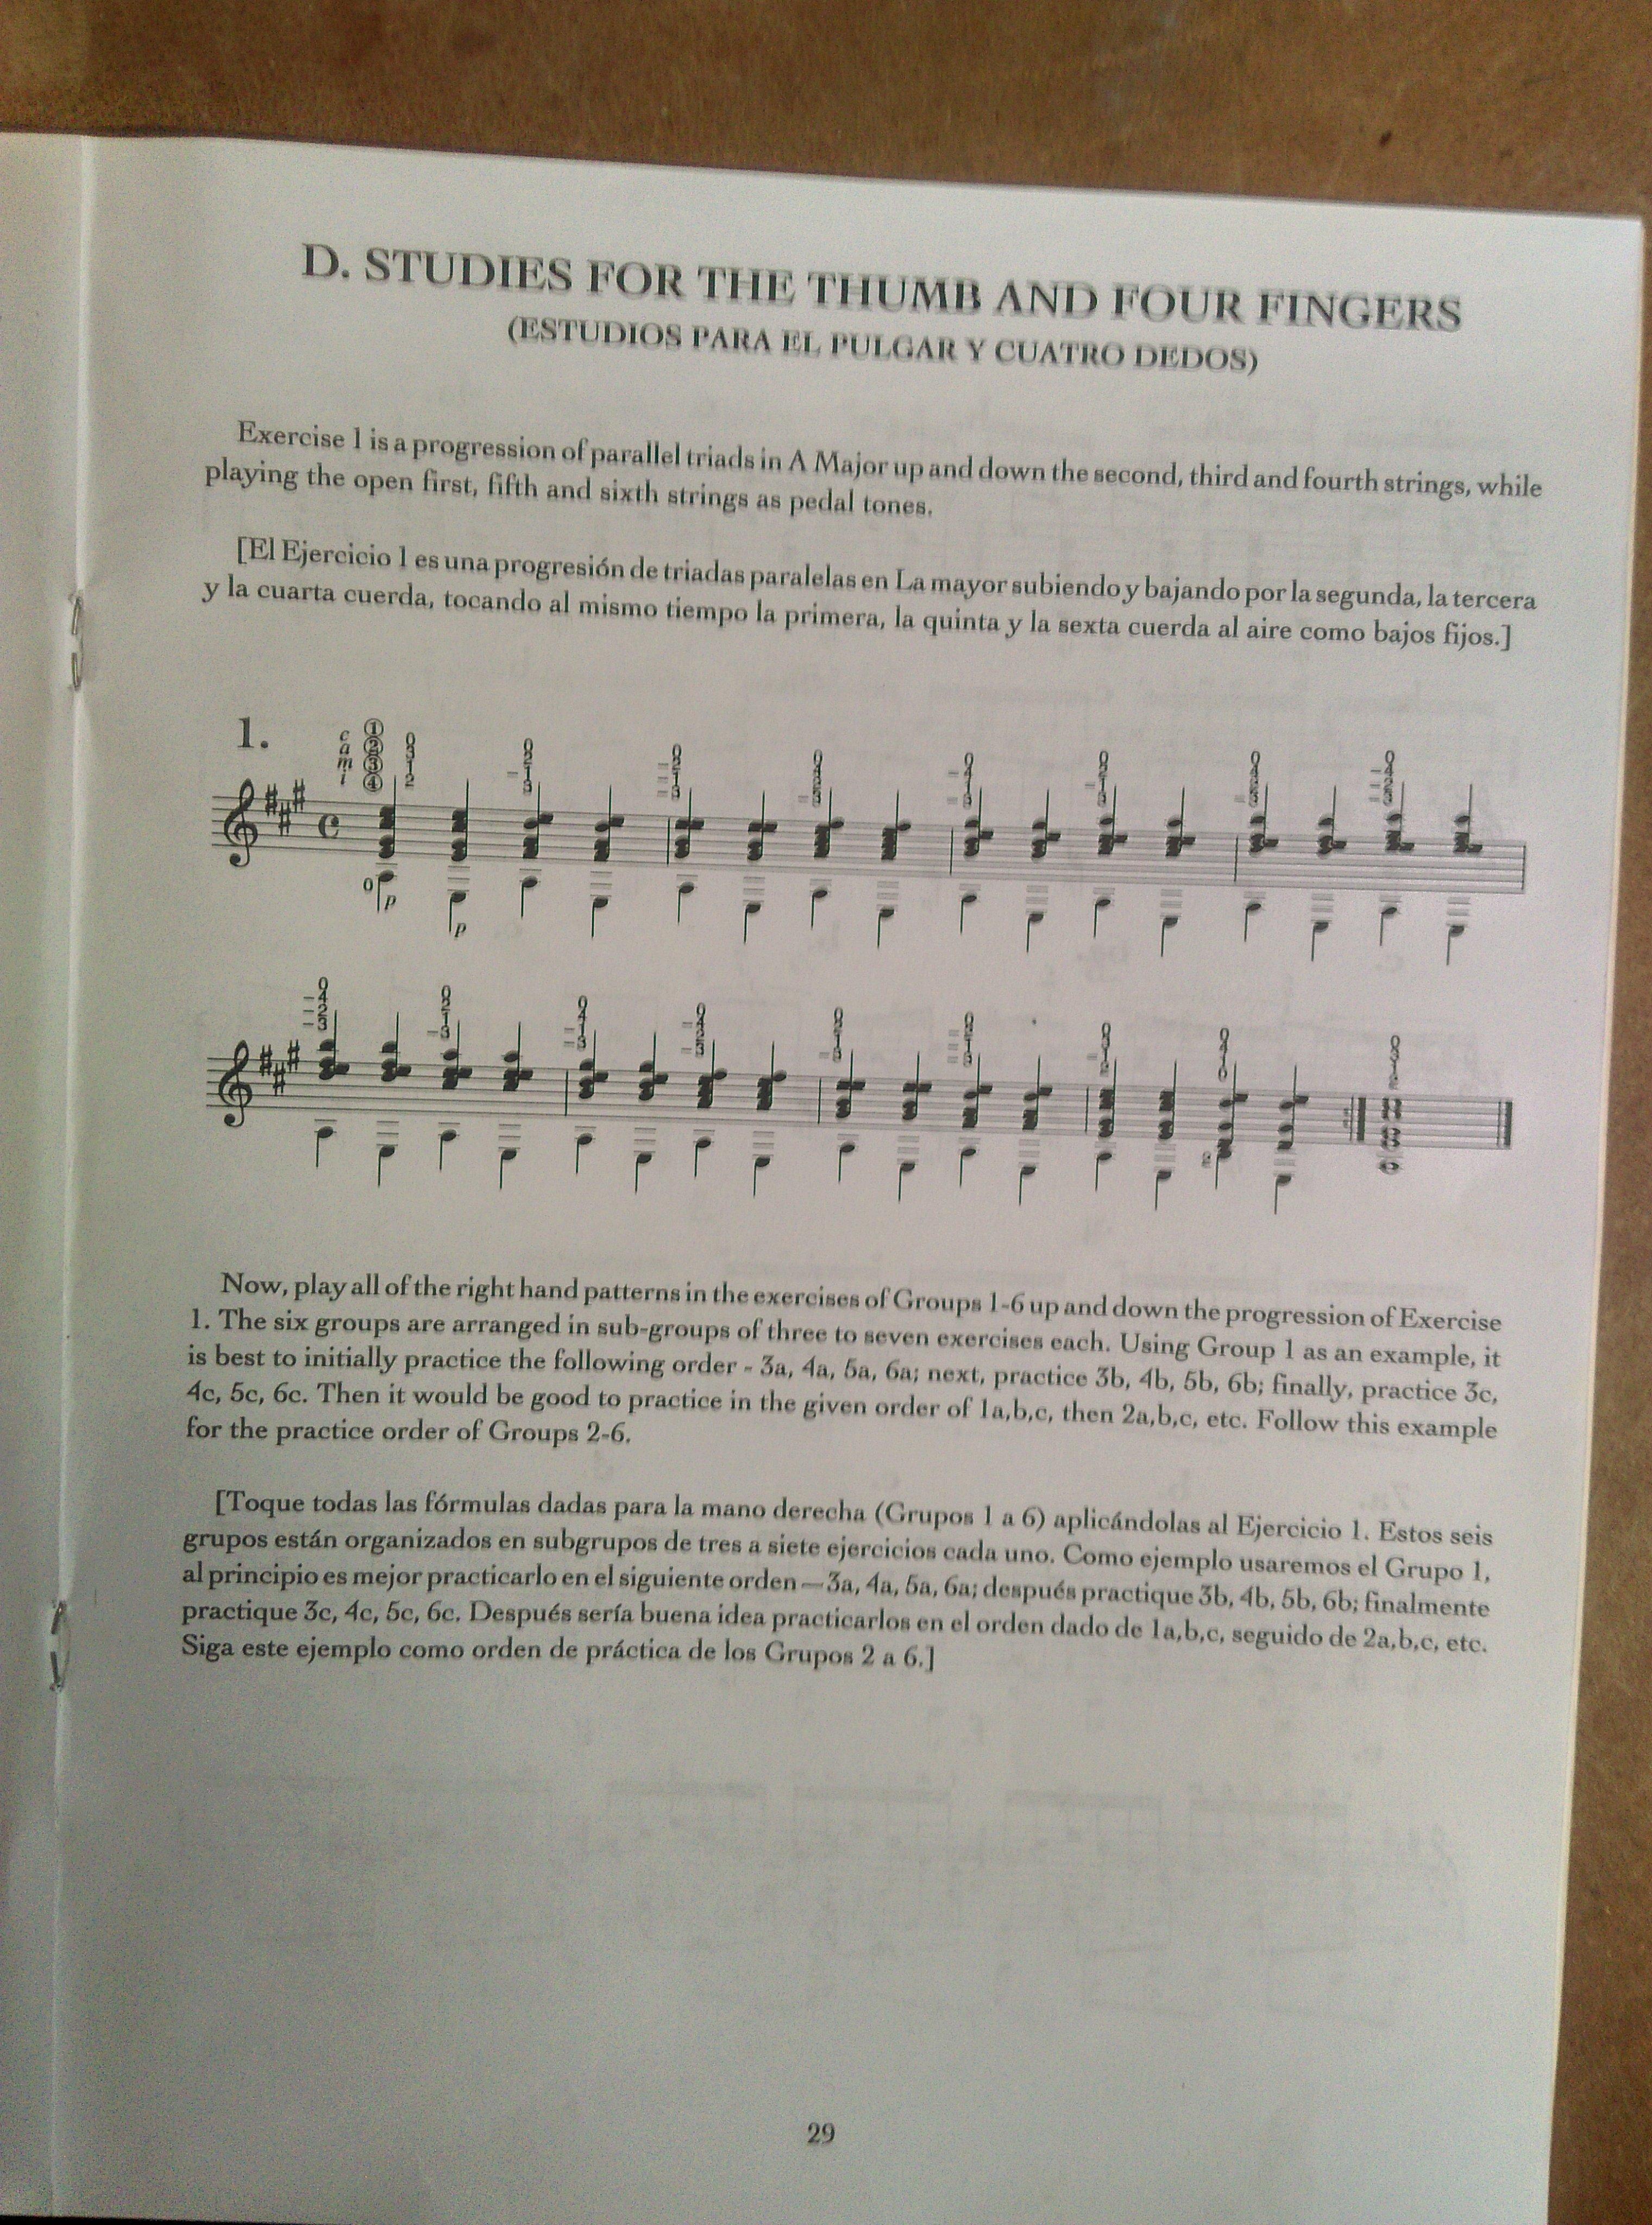 TECHNIQUES et MUSIQUES, IMPROVISATION pour GUITARE. 5 doigts main droite (6, 7 & 8 strings) ERrT5hyW4AUu-xc?format=jpg&name=4096x4096